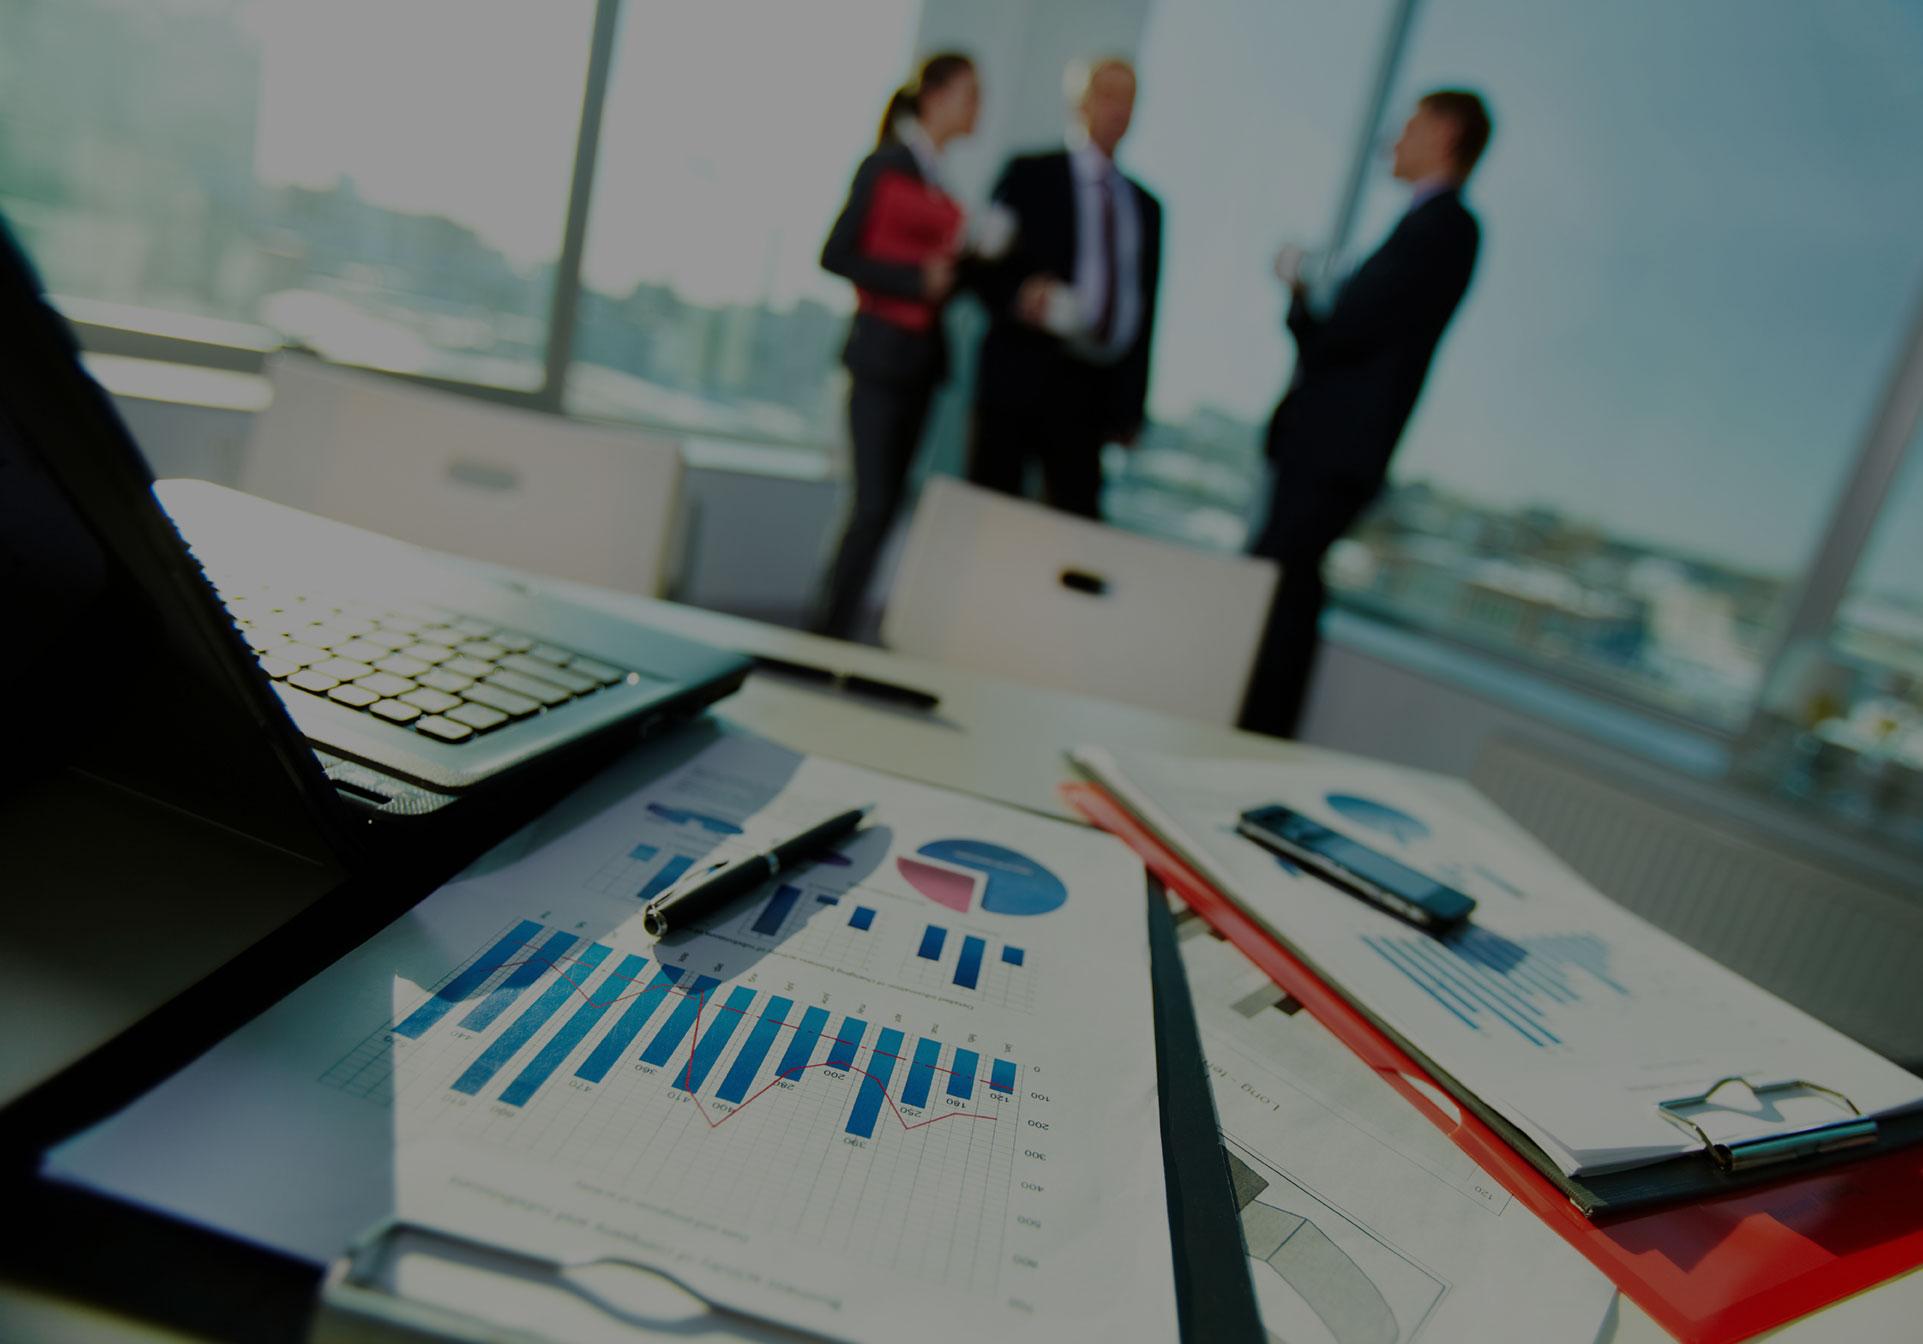 Optimum-de-racunovodske-storitve,-racunovodski-servis,-bilanca-stanja,-davcno-svetovanje,-maribor,-knjigovodstvto,-svetovanje 009